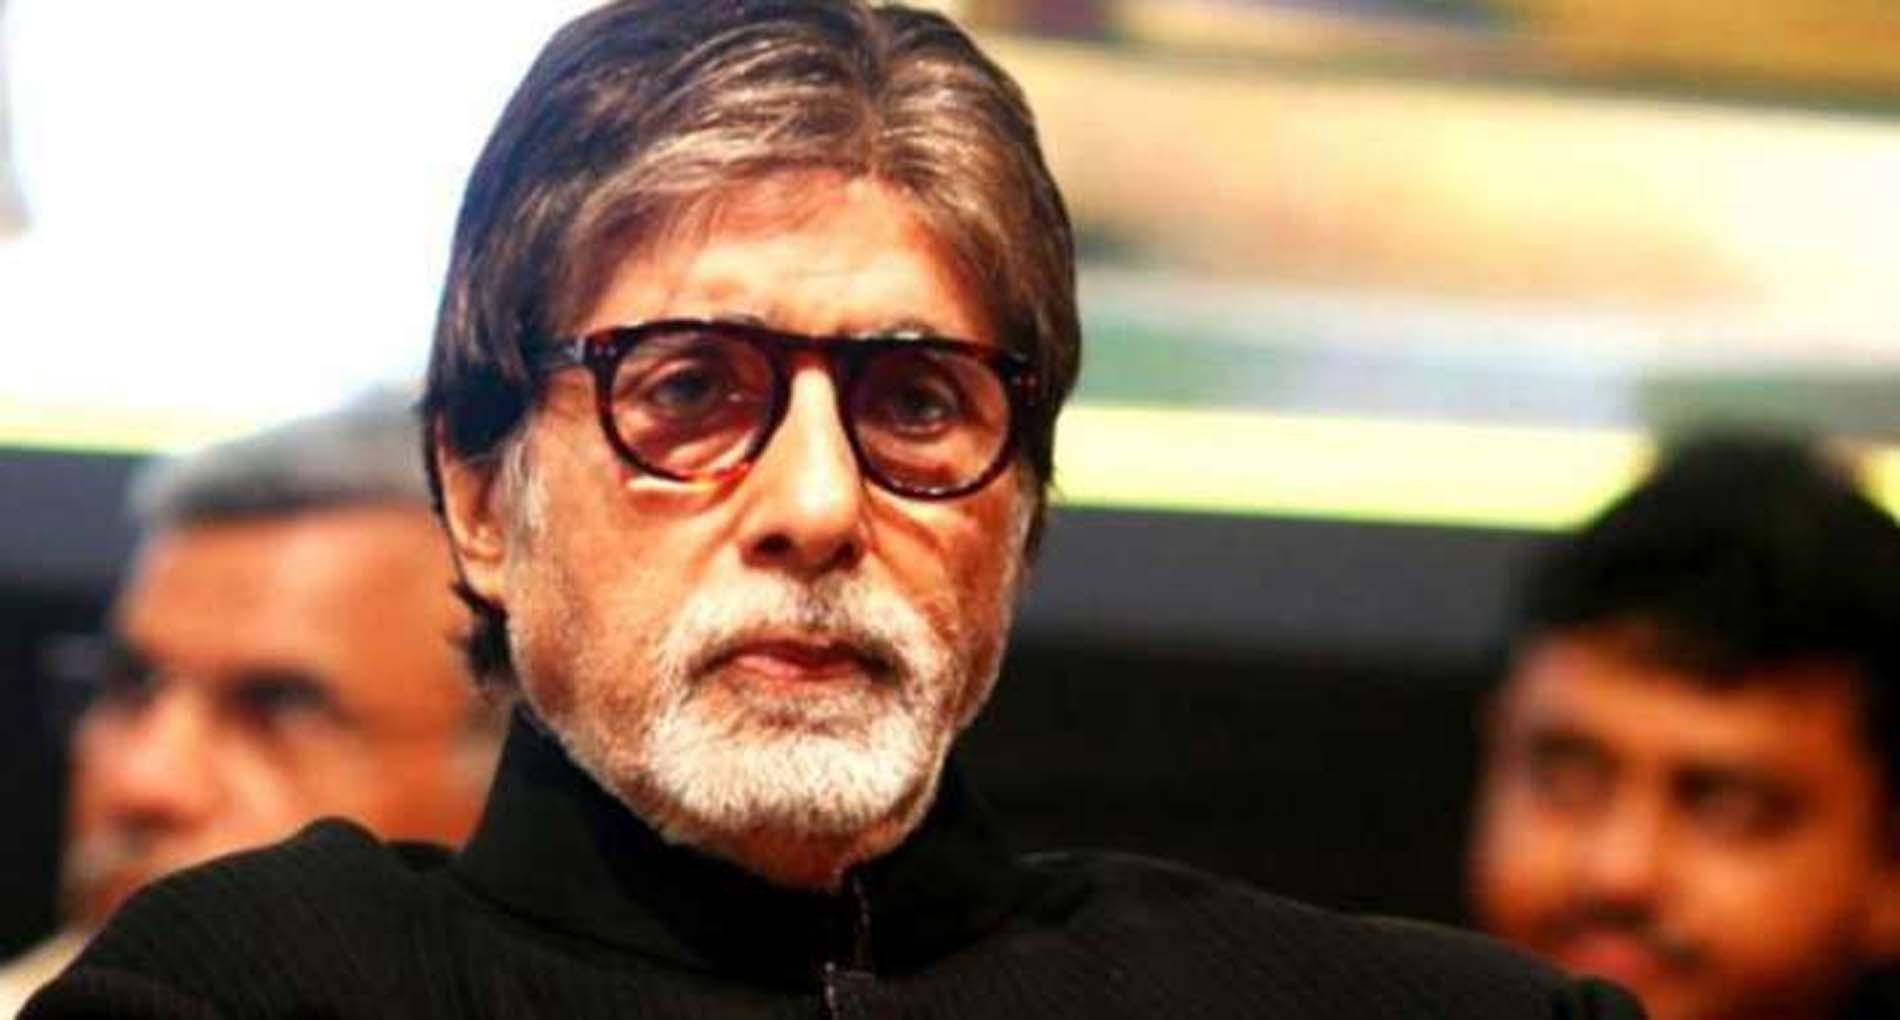 अमिताभ बच्चन की होने जा रही है सर्जरी, सोशल मीडिया के जरिए खुद दी जानकारी